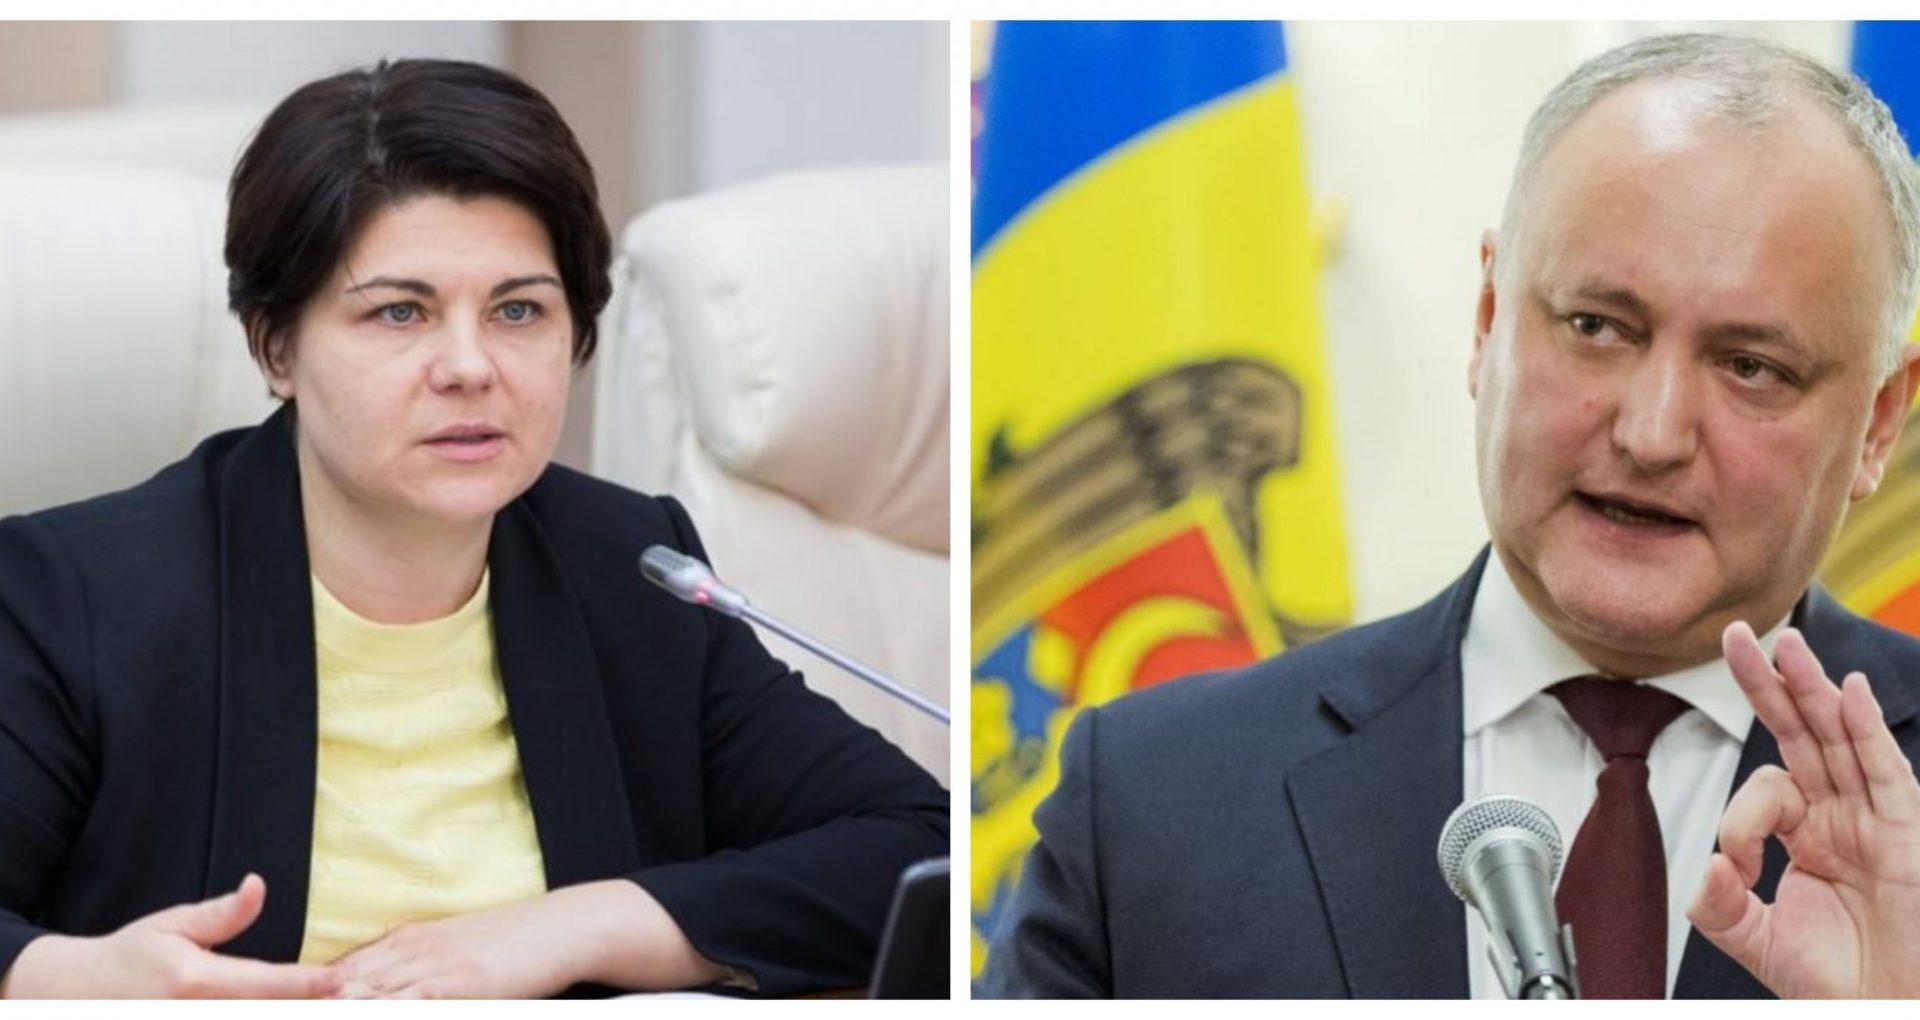 """Natalia Gavrilița: """"Parlamentul poate iniția procedura de impeachment și organiza un referendum pentru a întreba cetățenii ce își doresc"""". Dodon: """"Nu va fi nici referendum și nici anticipate"""""""